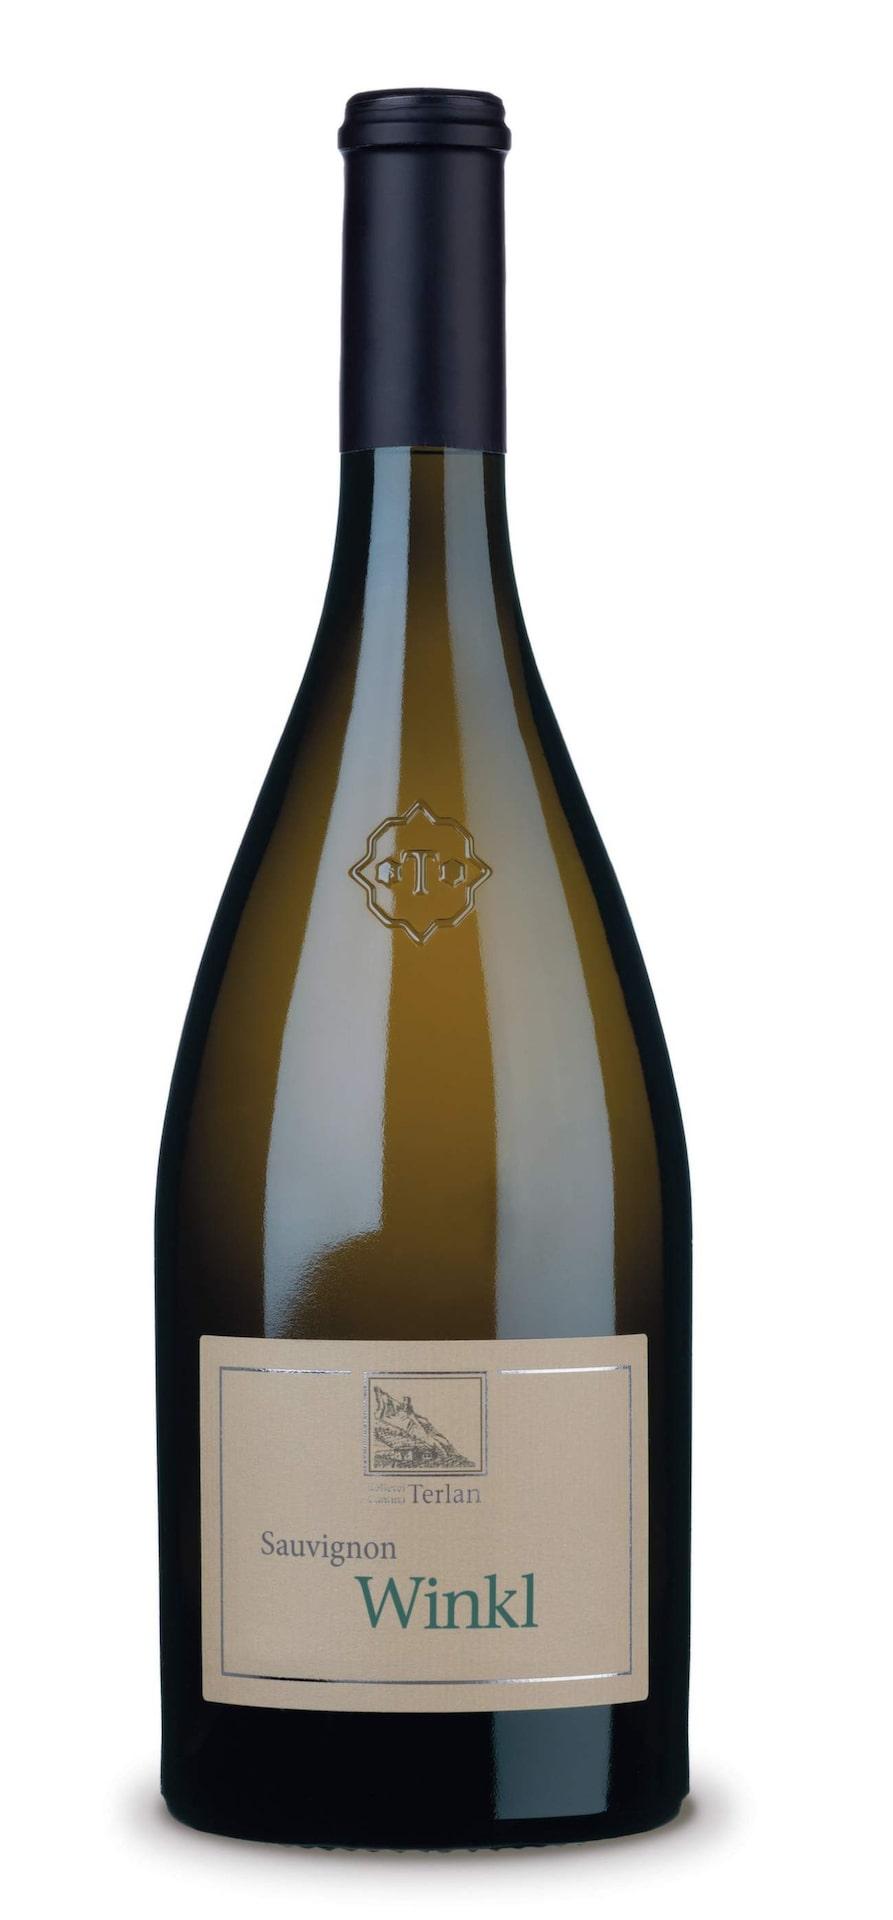 VittWinkl Sauvignon Blanc 2013(2799) Trentino-Alto Adige, 141 krElegant och aptitretande med ren druvighet. Toner av lime och krusbär. Finfint till en pizza med skaldjur.